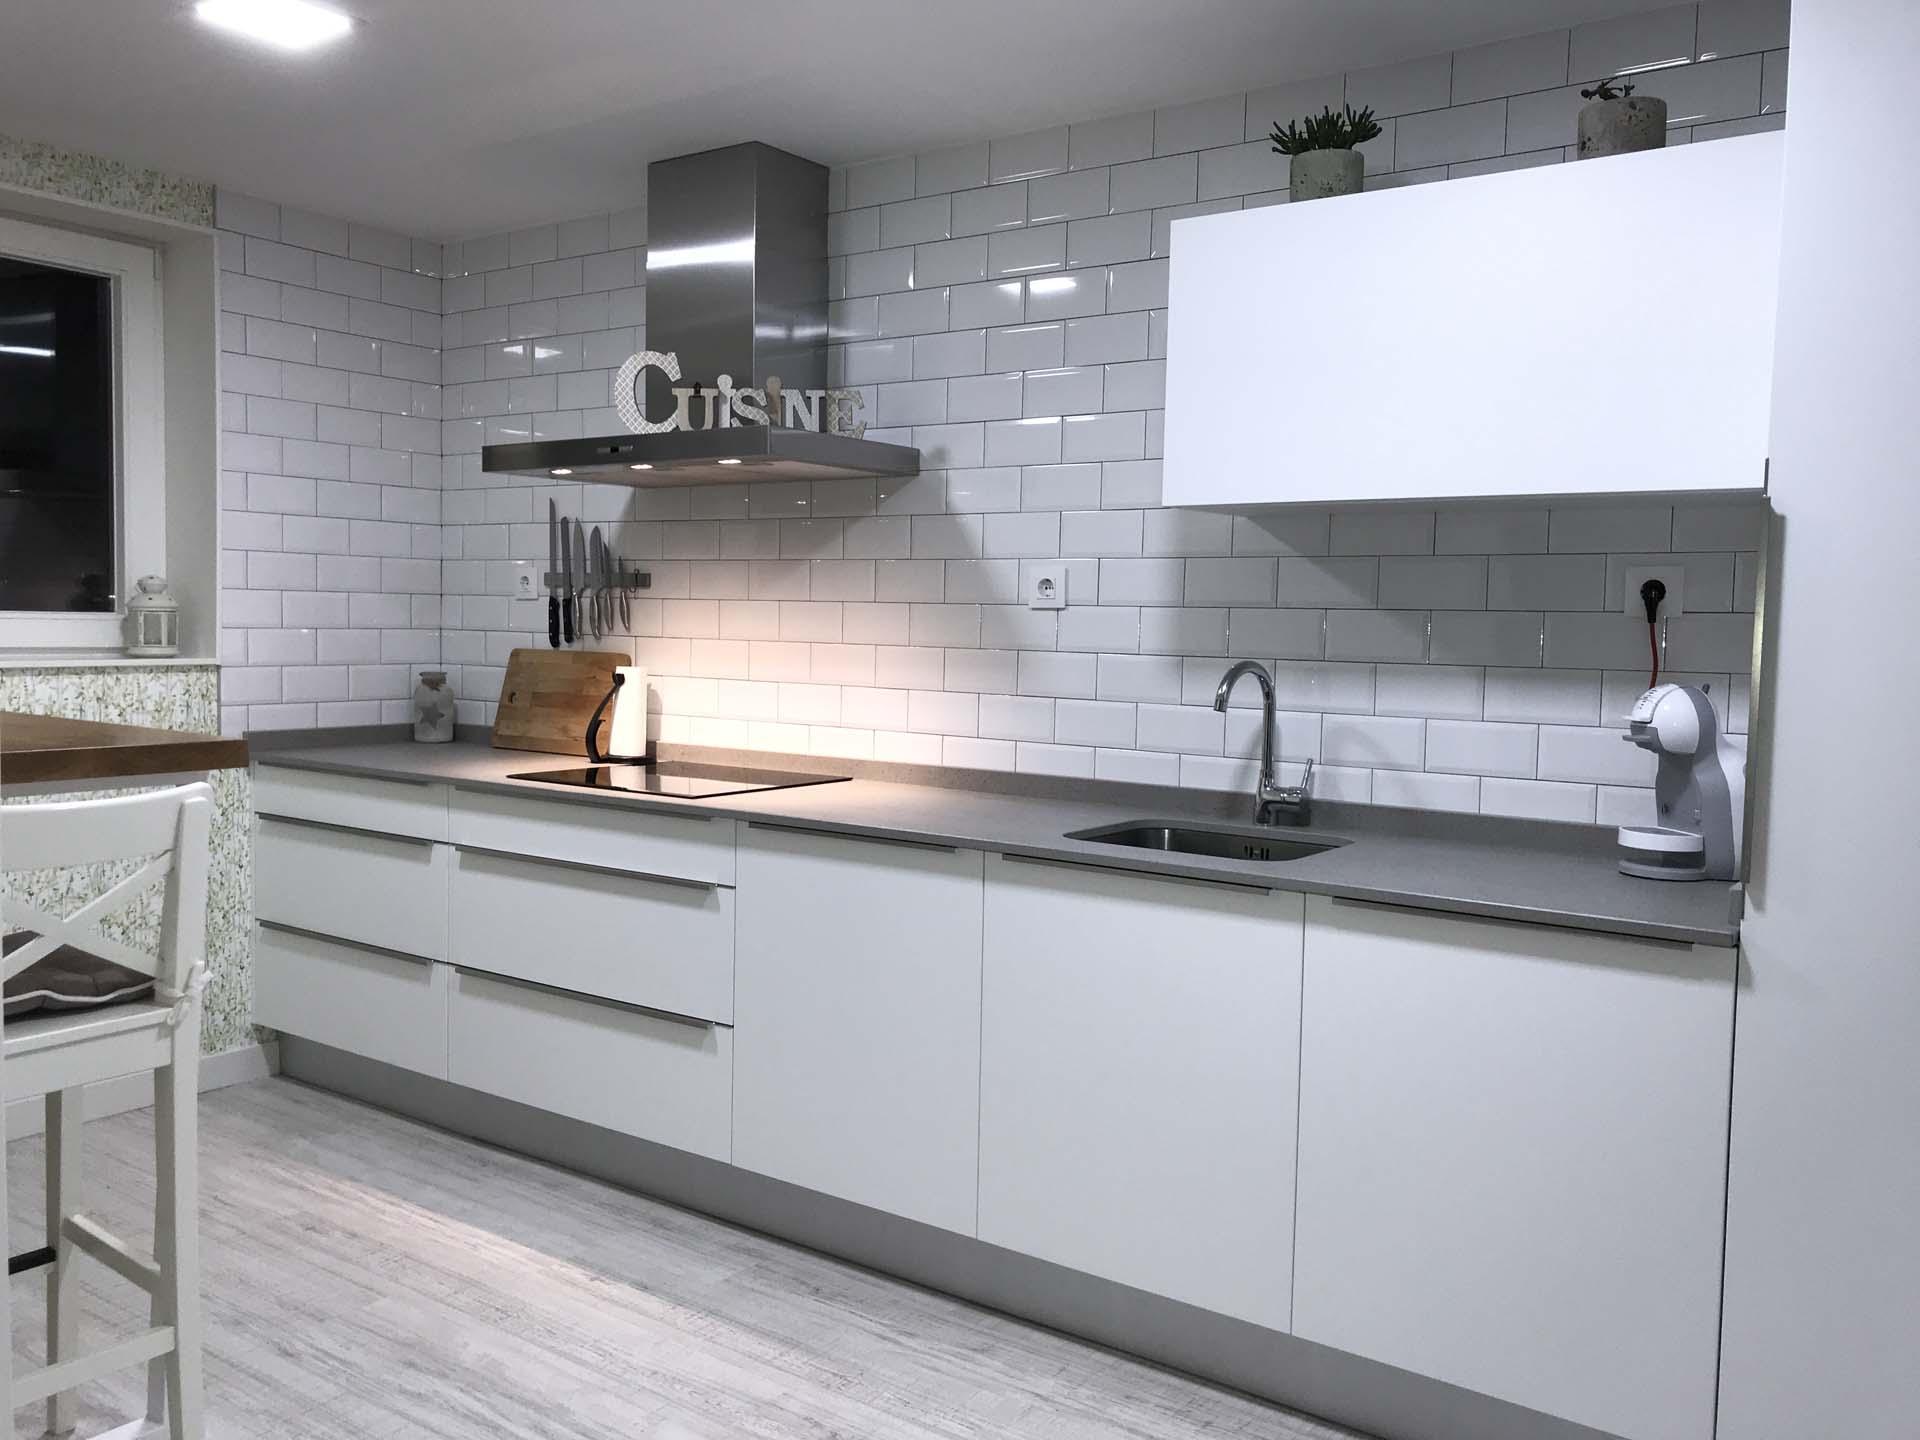 Cocina blanca mate con tirador al canto arnit for Cotizacion cocina